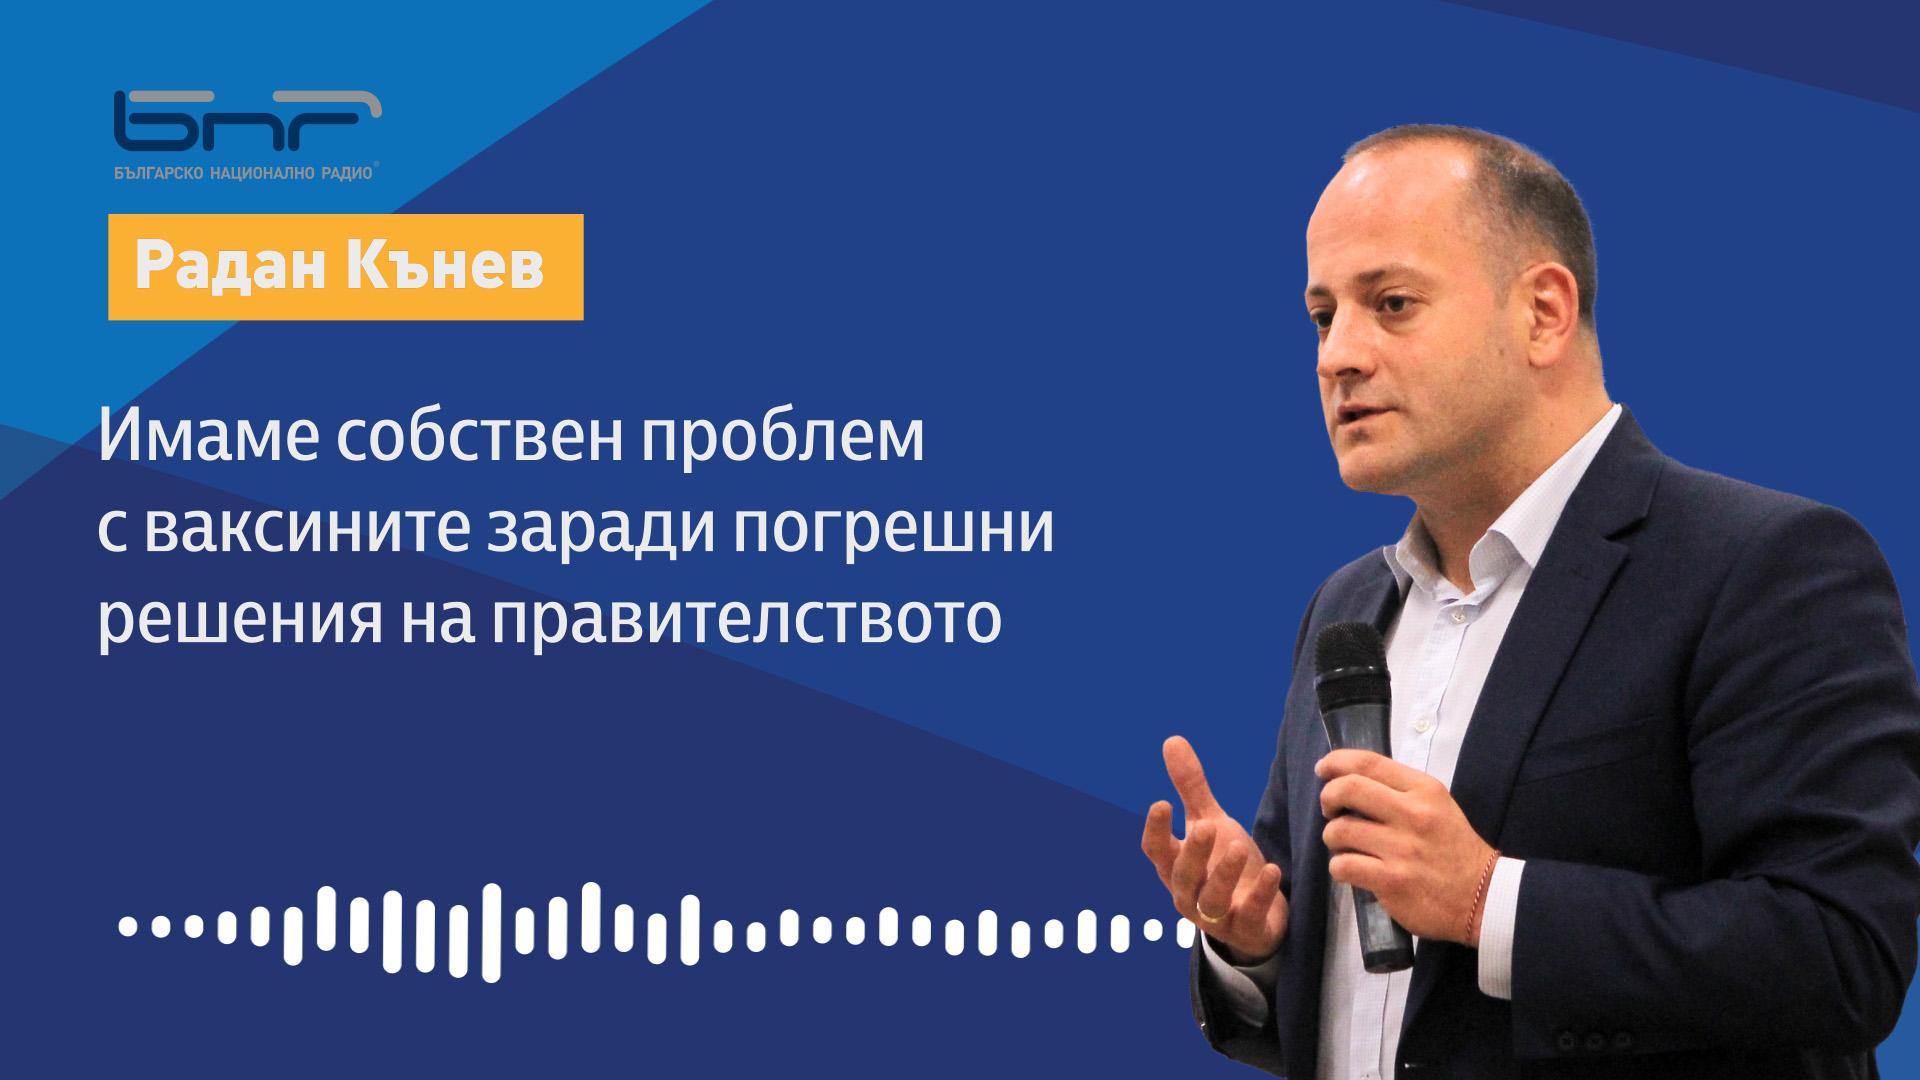 Радан Кънев евродепутат интервю БНР Радио ваксини България